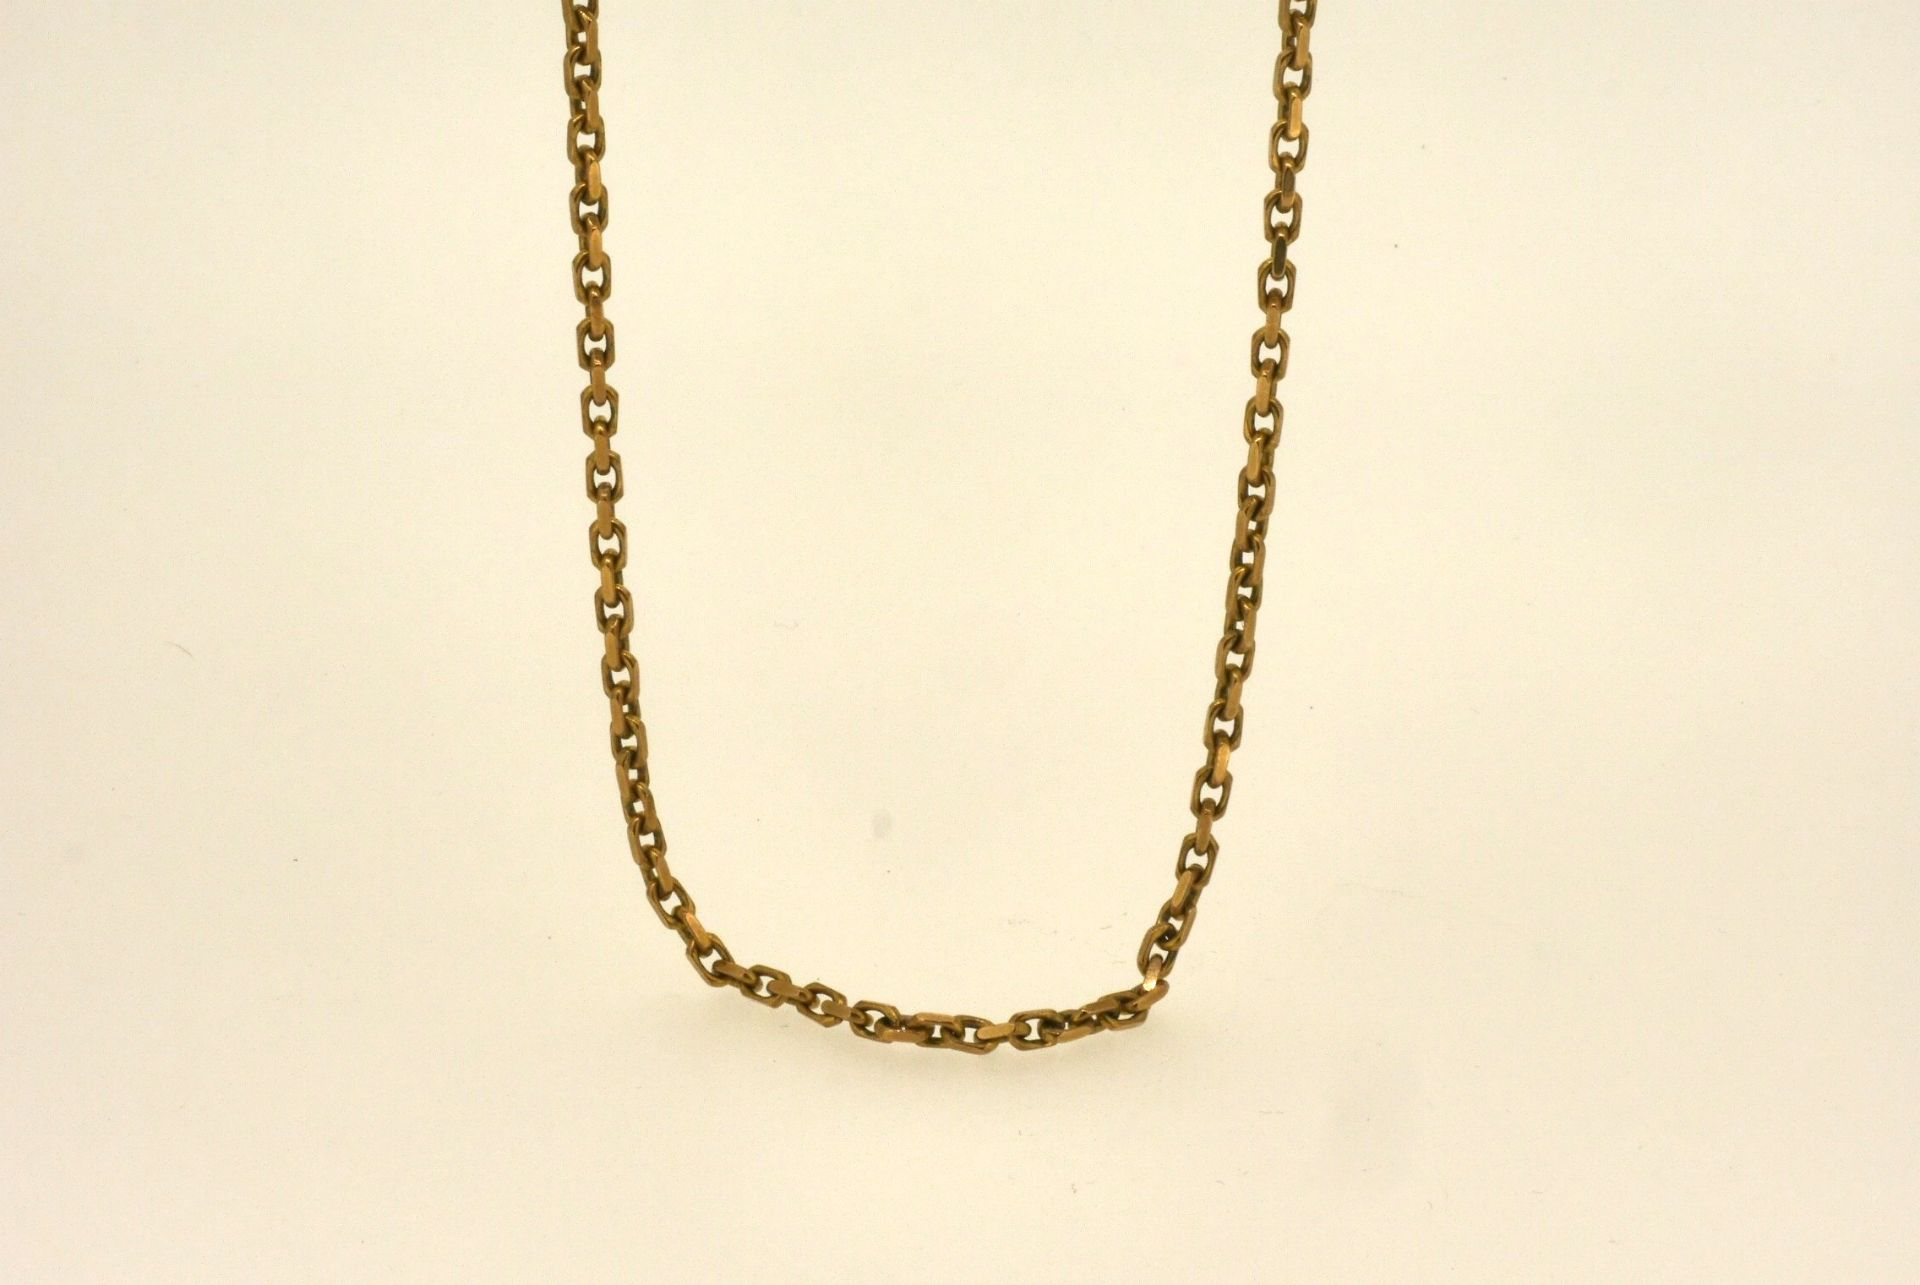 Halskette GG 333, 53 cm, 9,58 Gramm